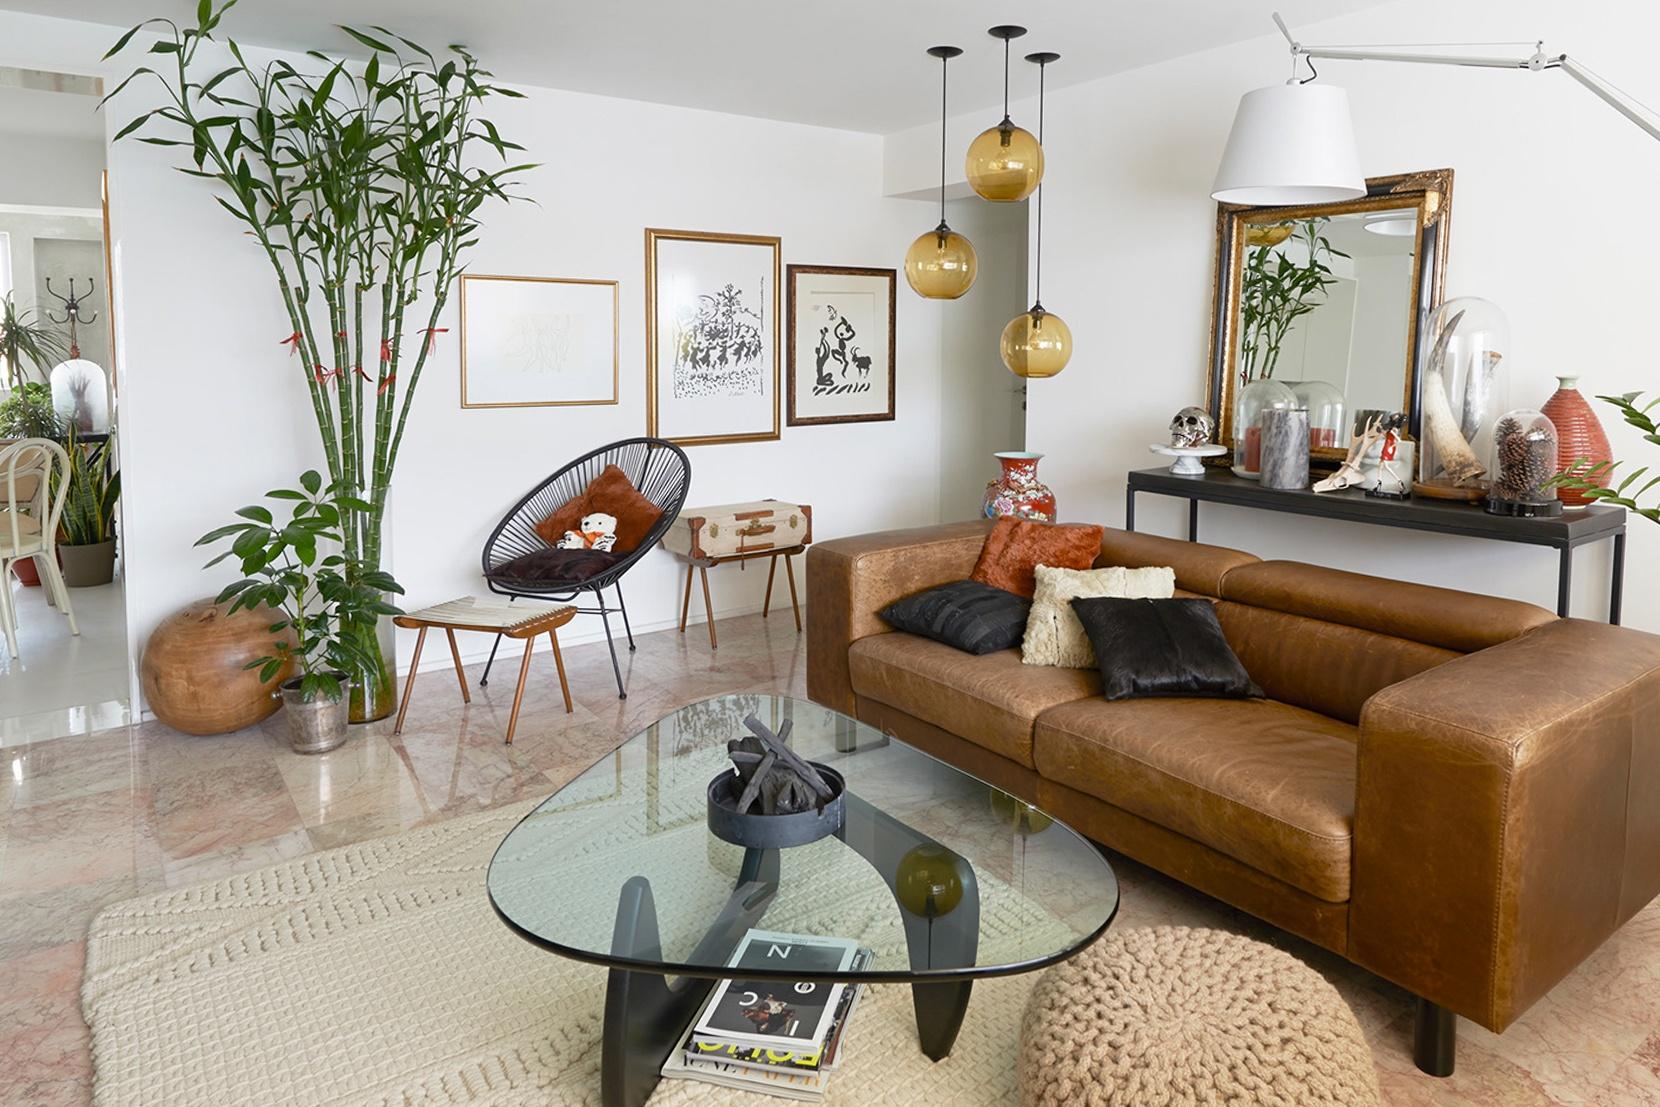 Modern Glass Living Room Lighting - Amber Solitaire Pendant Lights